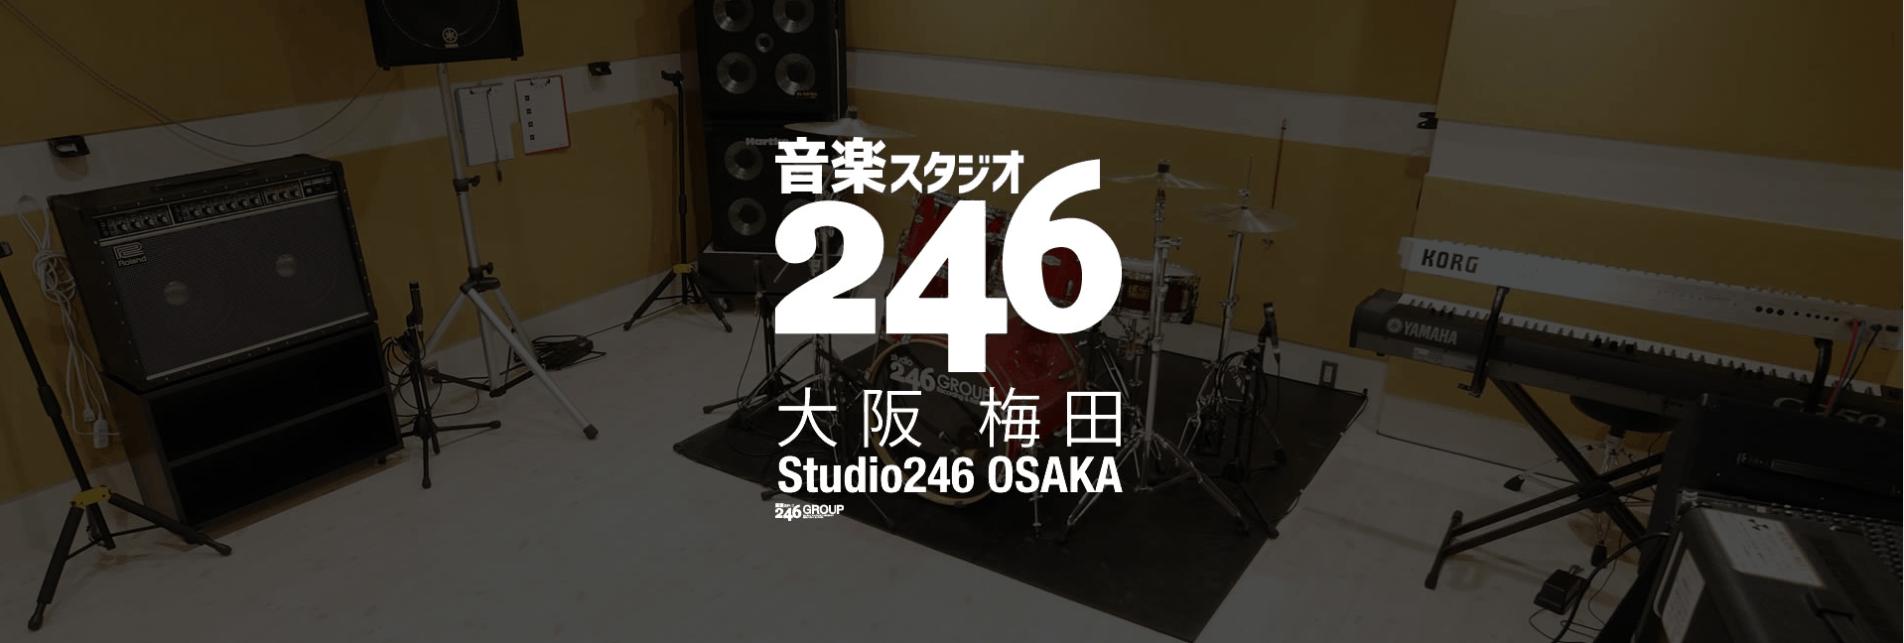 セルフレコーディングができる!スタジオ246を使うときに気をつけたいこと